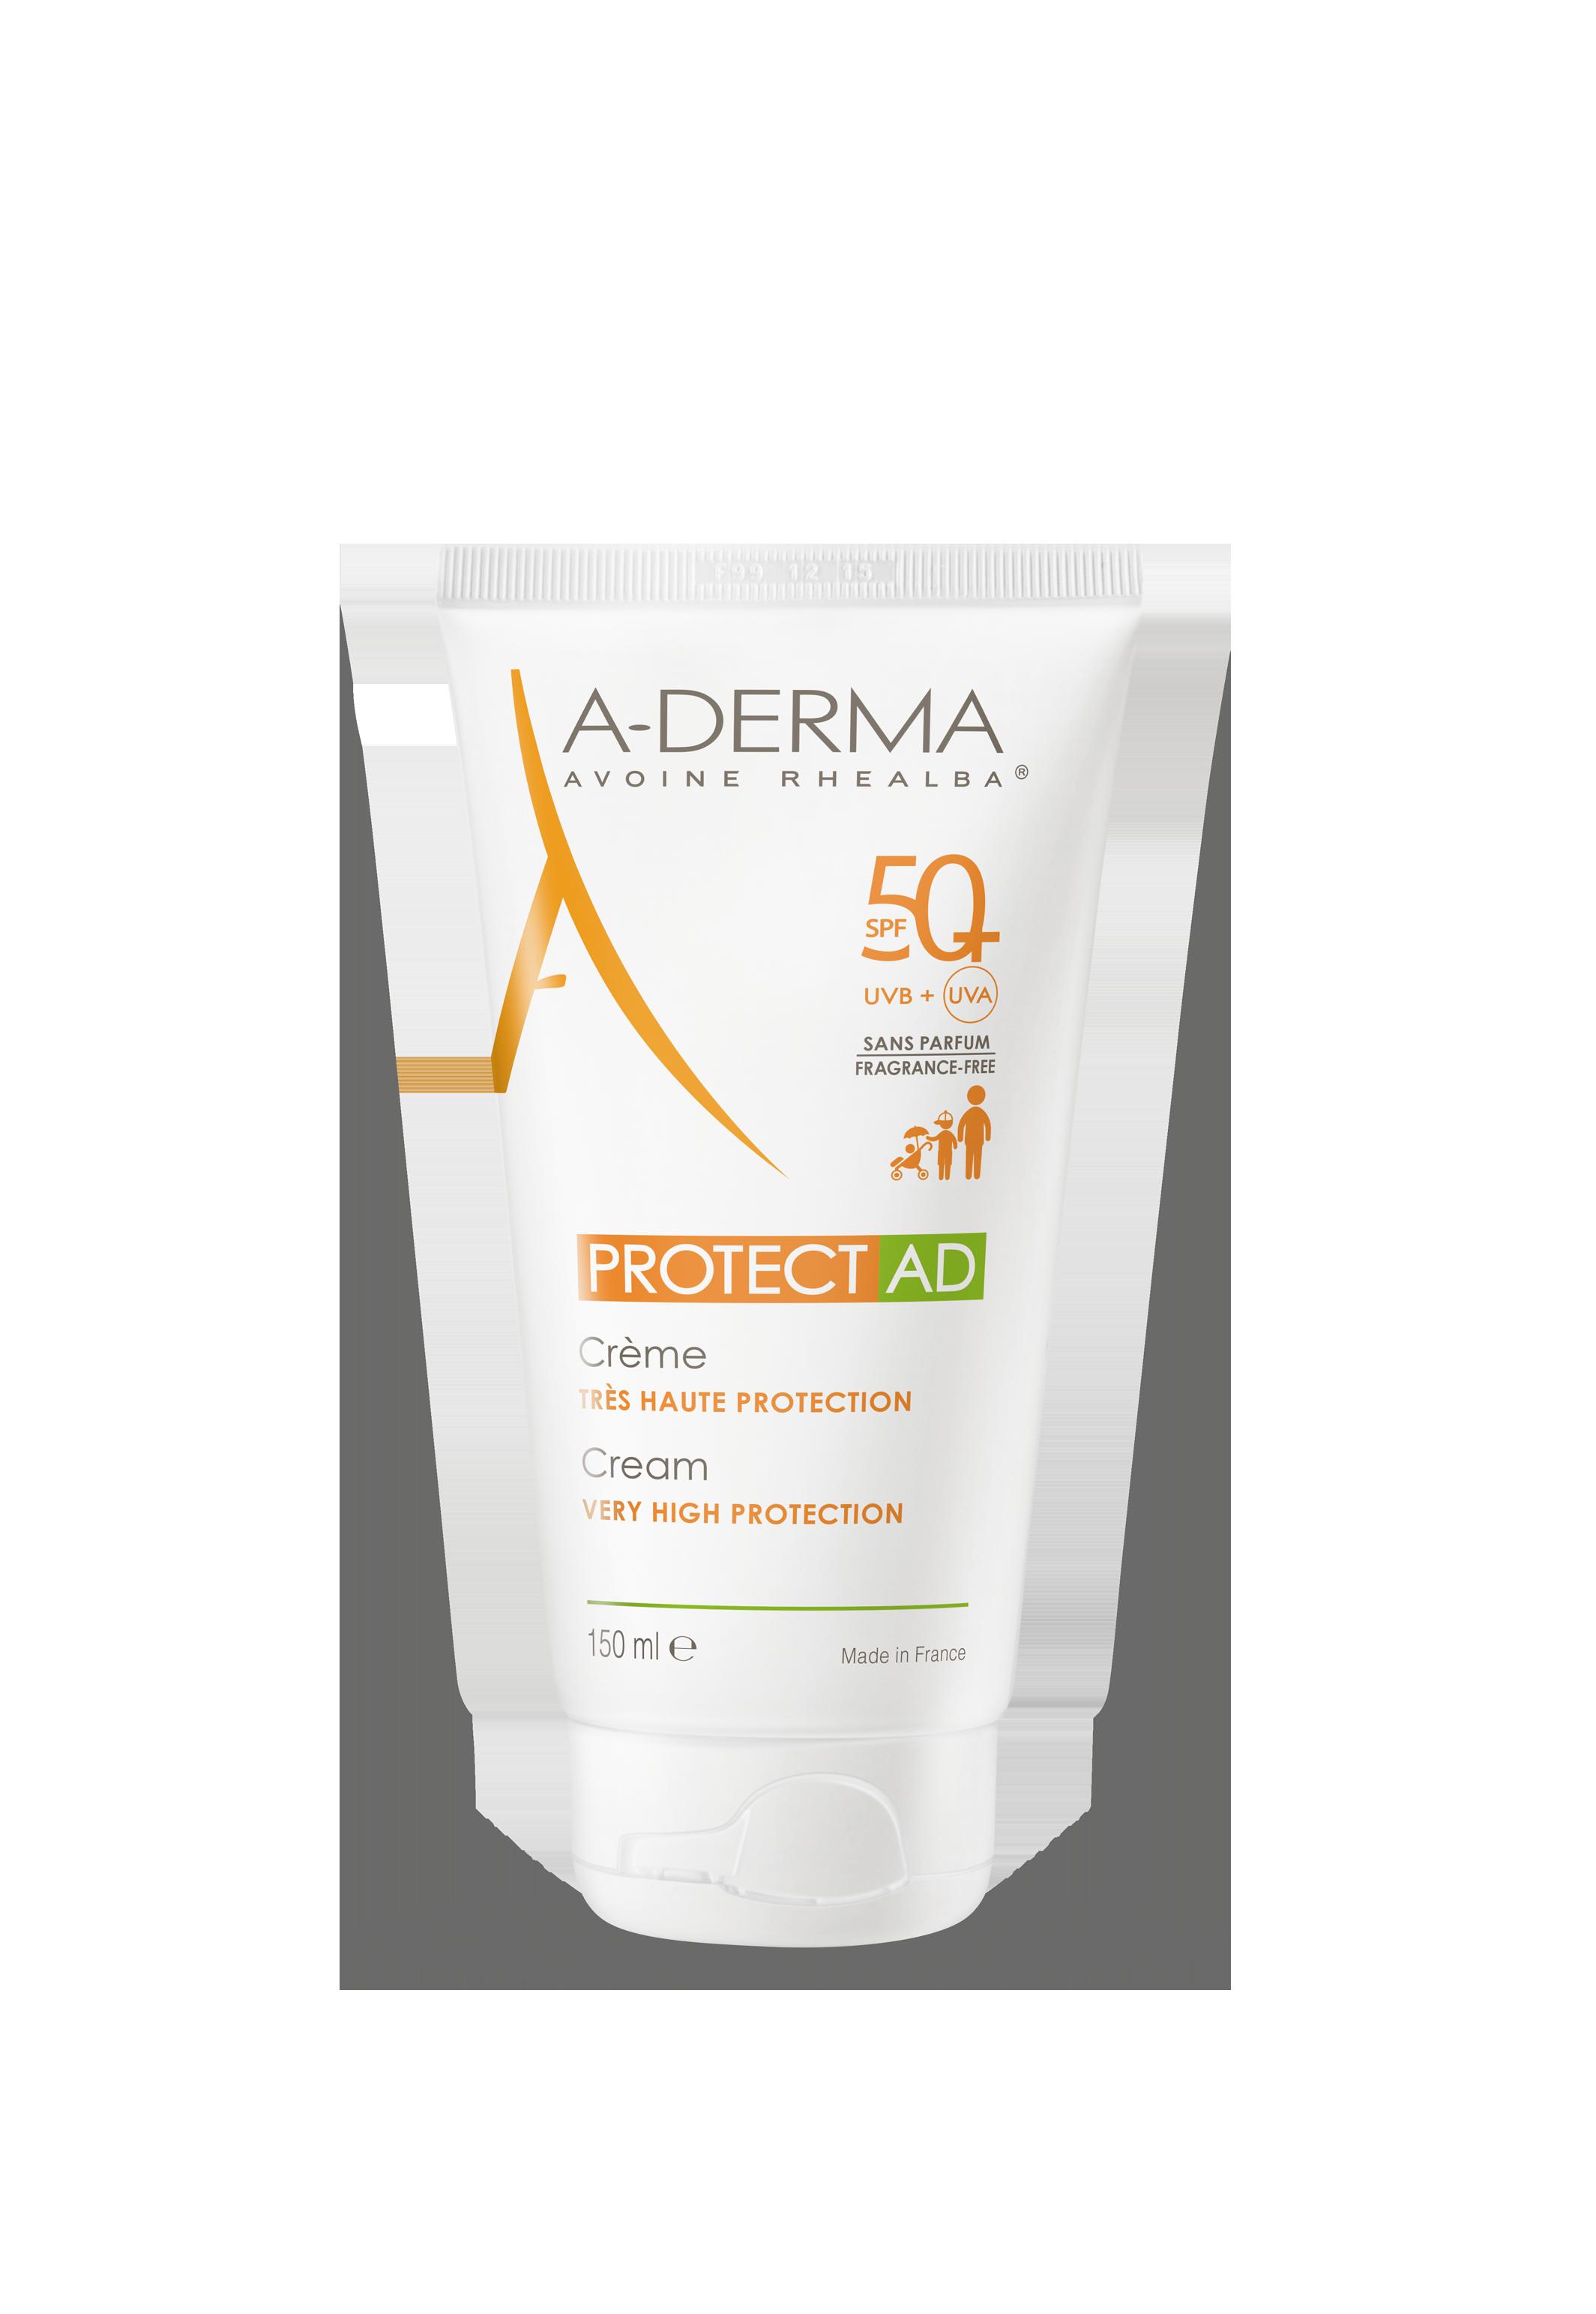 A Derma Protect Ad Creme Spf 50 Peaux Fragiles Au Soleil Visage Et Corps 150 Ml